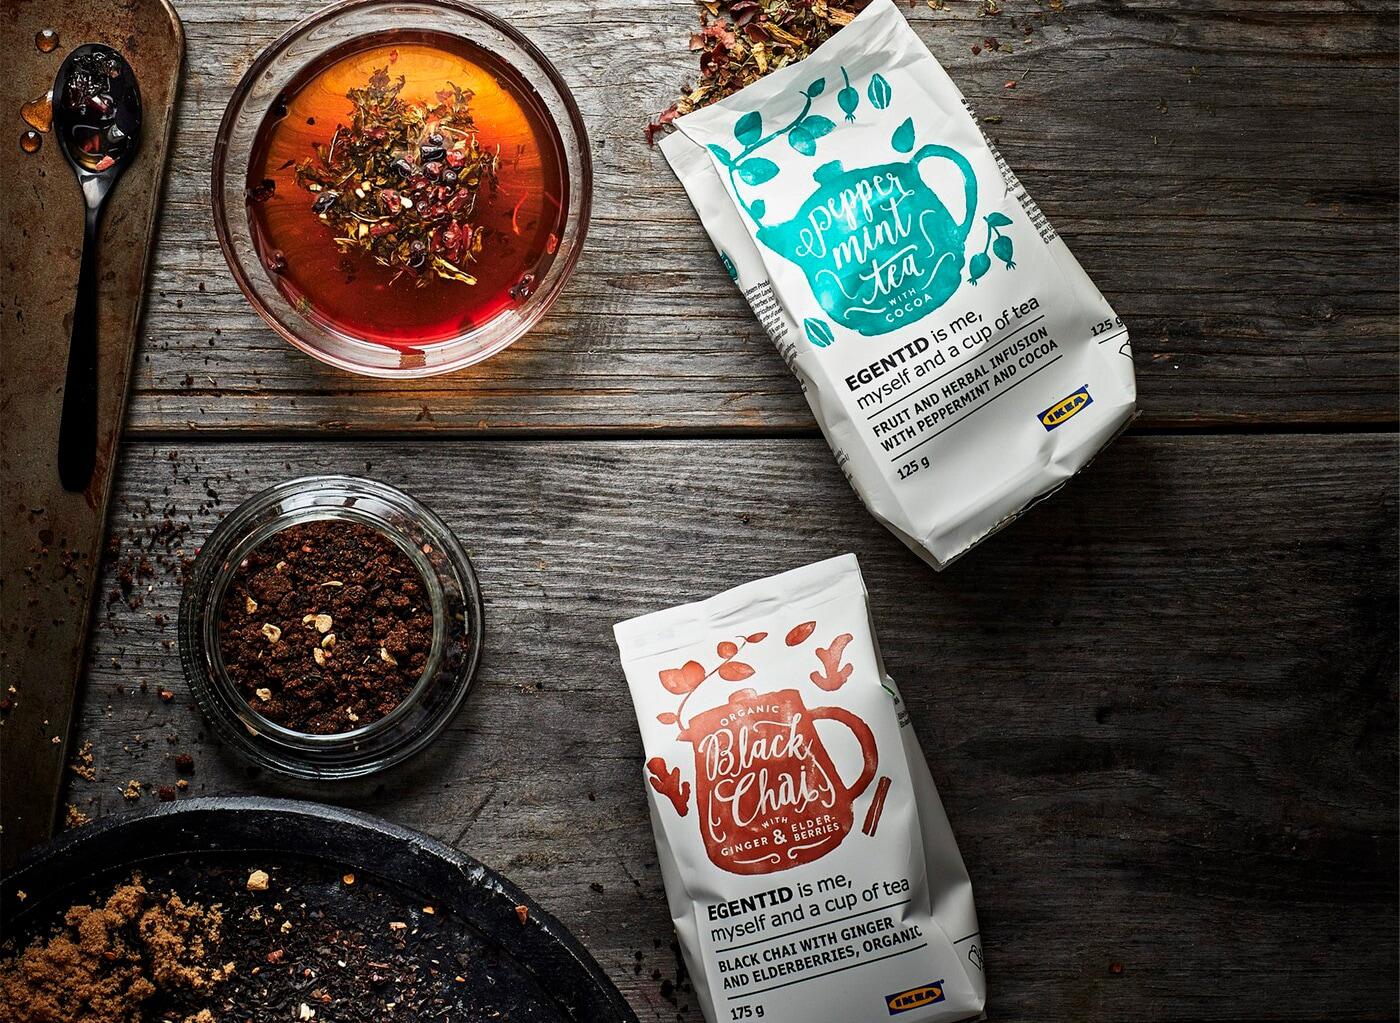 En choisissant nos cafés, thés et produits à base de cacao certifiés UTZ, tu aides à promouvoir l'agriculture durable.